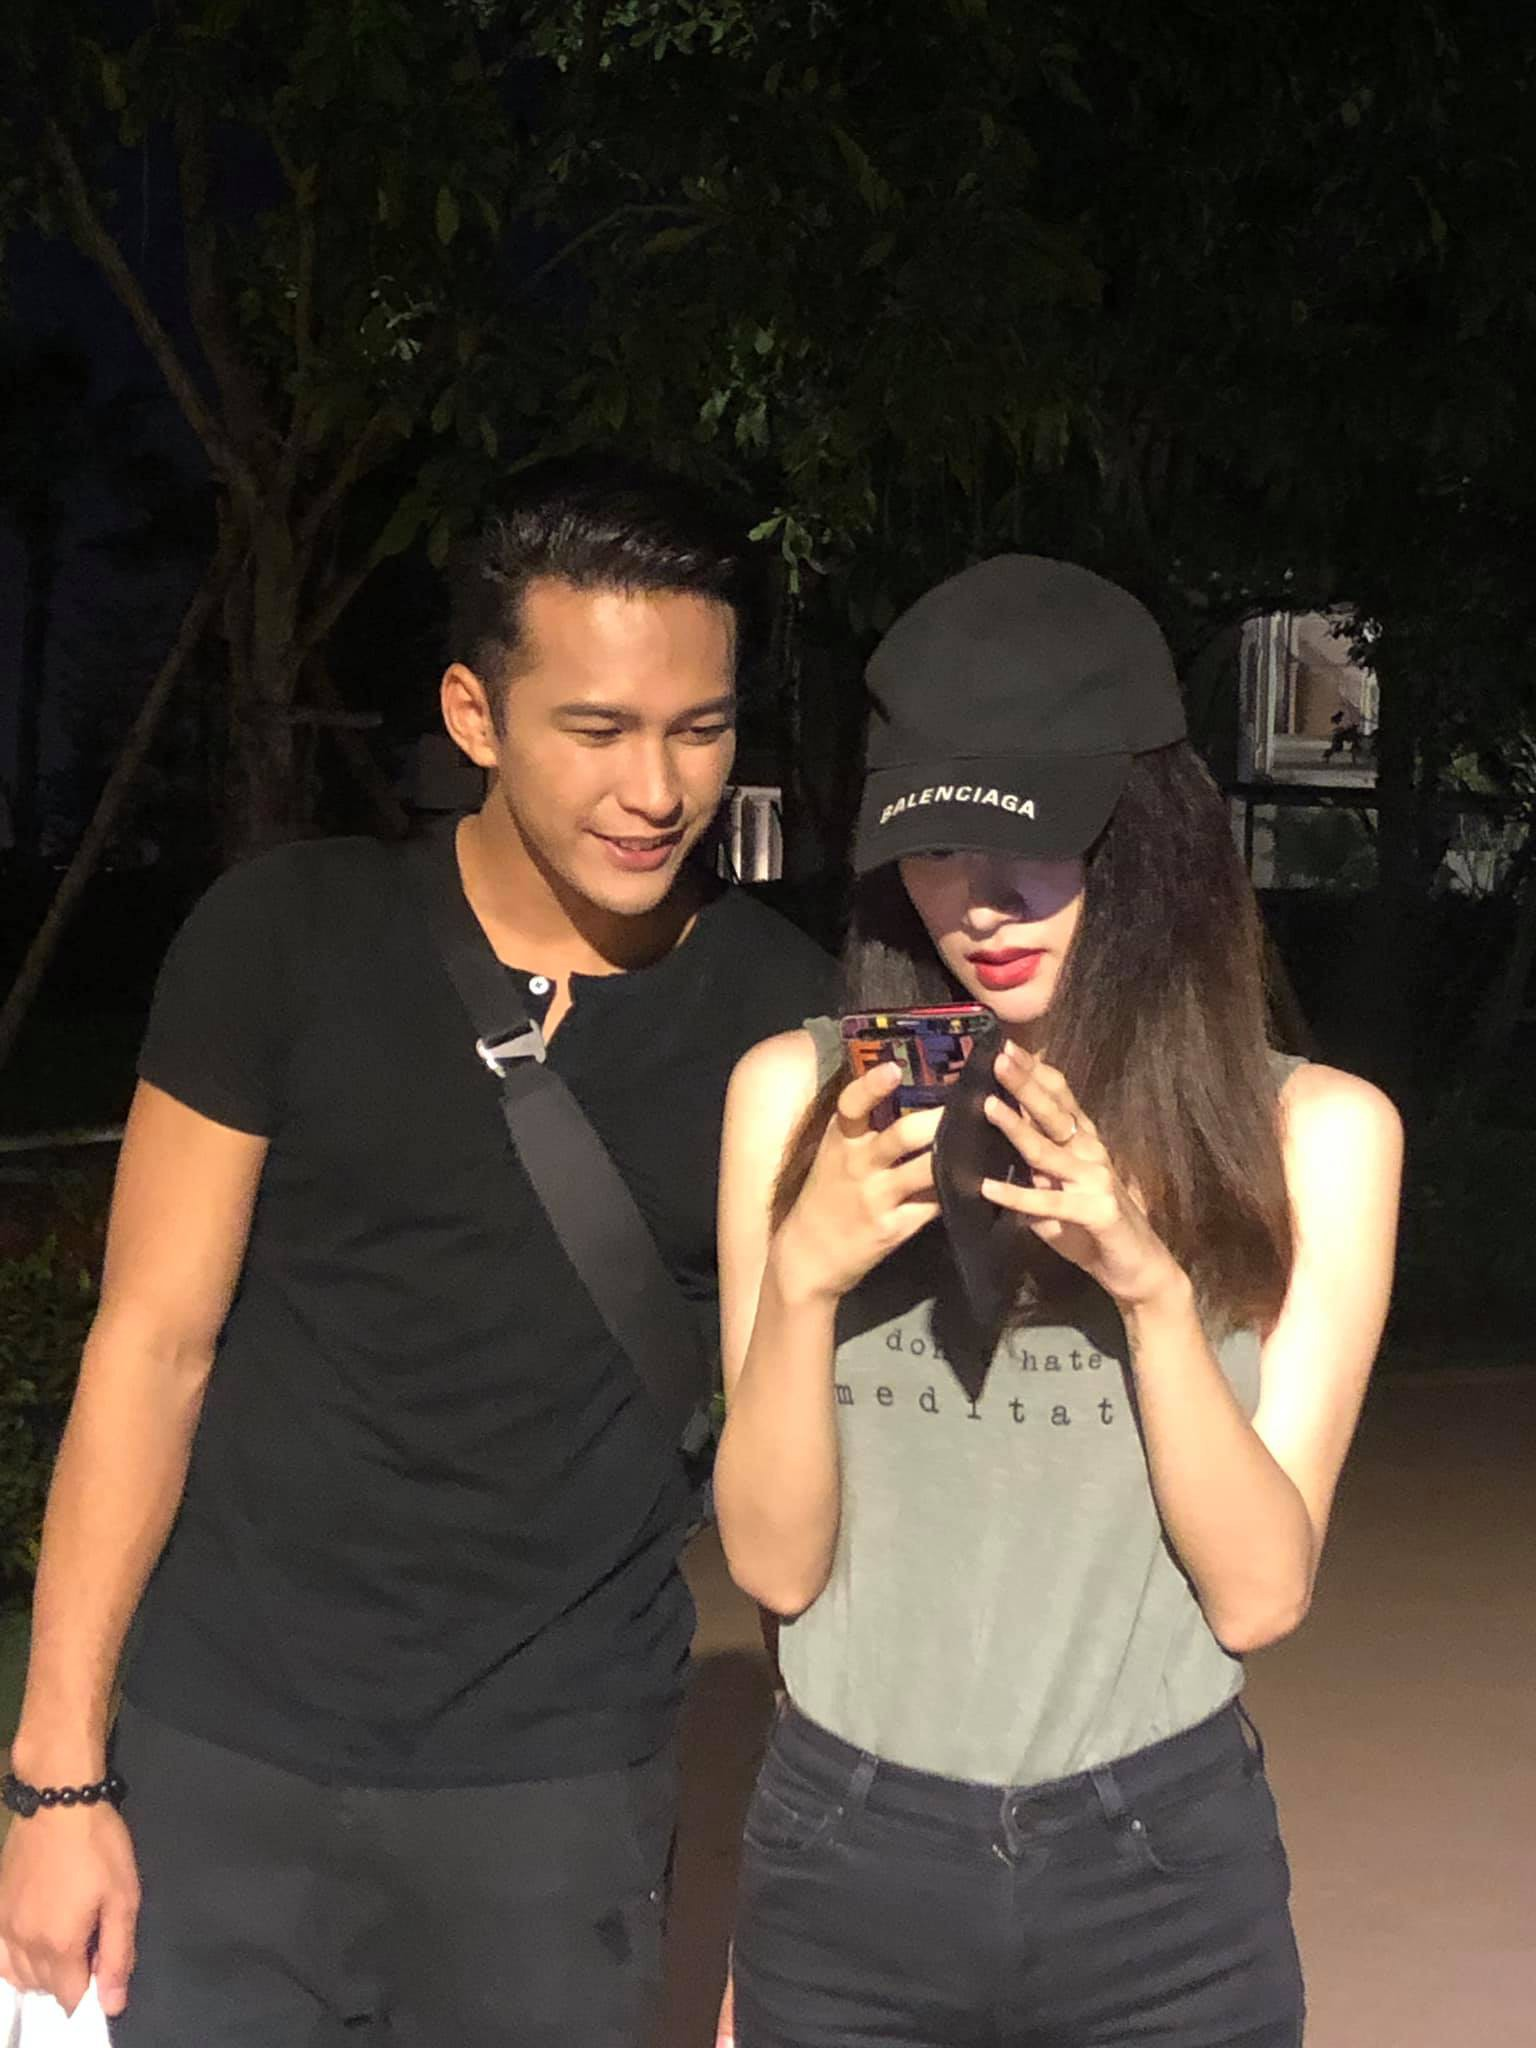 Phillip thân thiết đi chơi cùng Hương Giang sau màn xuất hiện chớp nhoáng trong MV mới khiến dân mạng nhiệt tình ghép đôi - Ảnh 2.